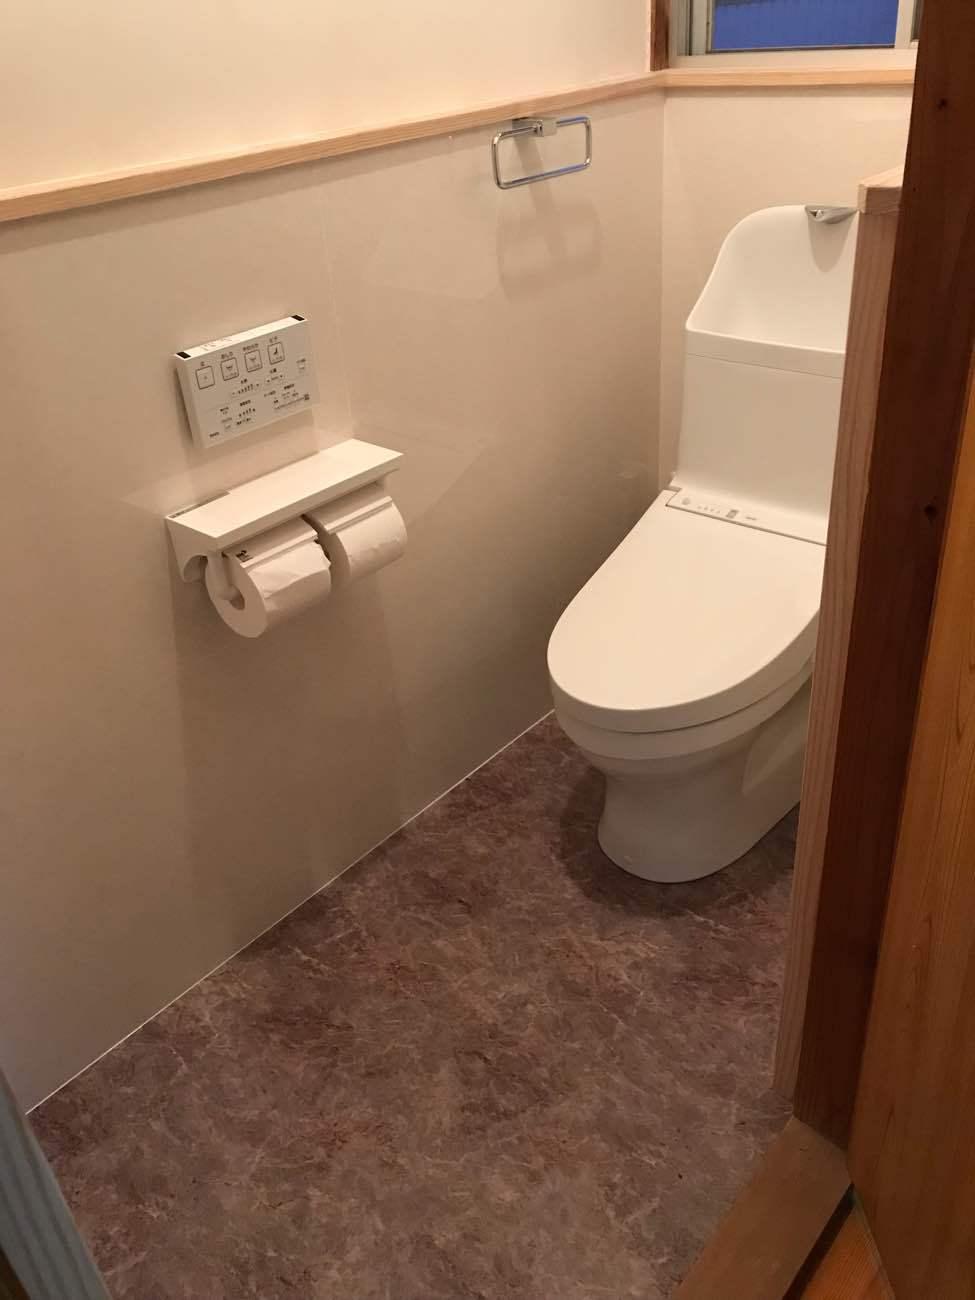 和式からウォシュレット付のトイレに  #唐津